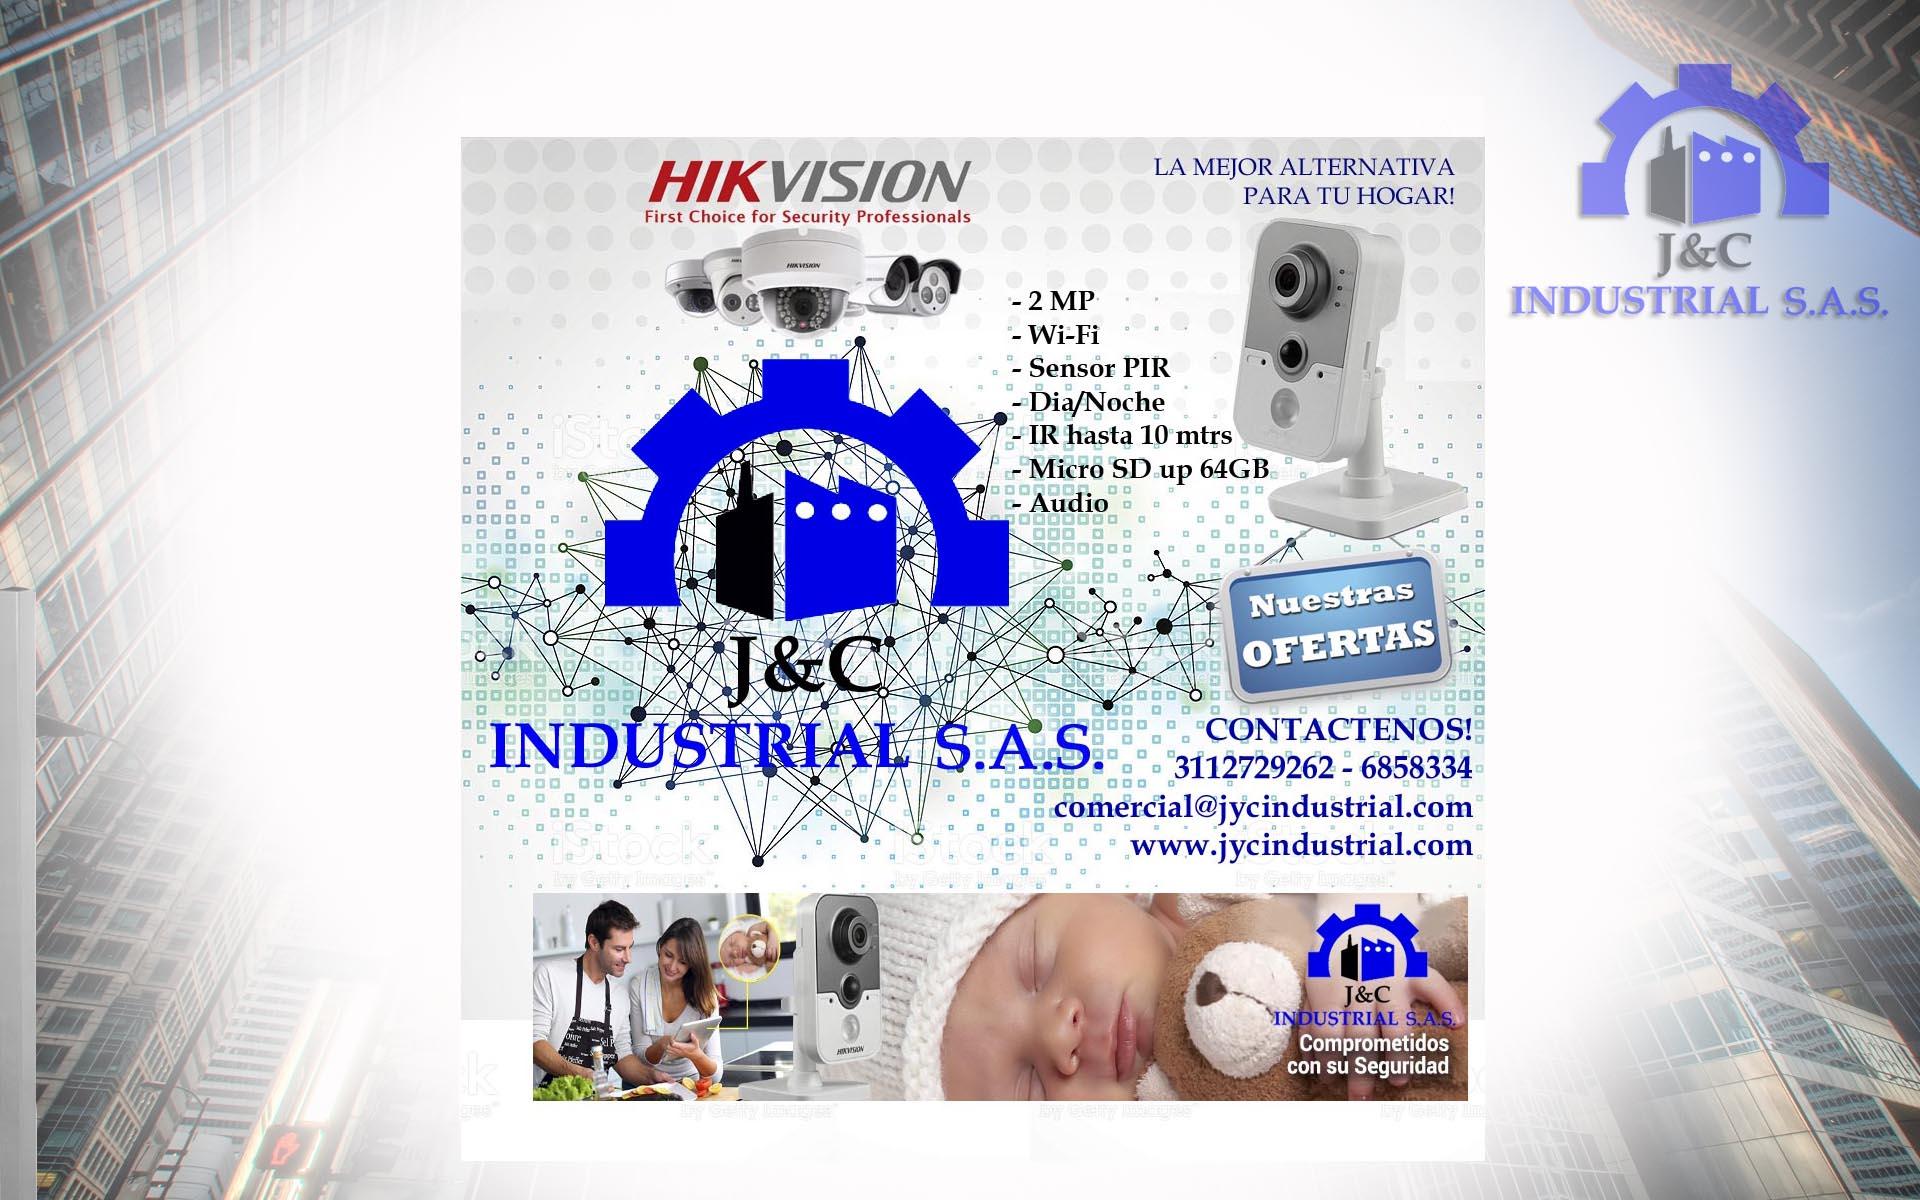 PRESENTACION CCTV promocion copia - CÁMARA PARA TU HOGAR